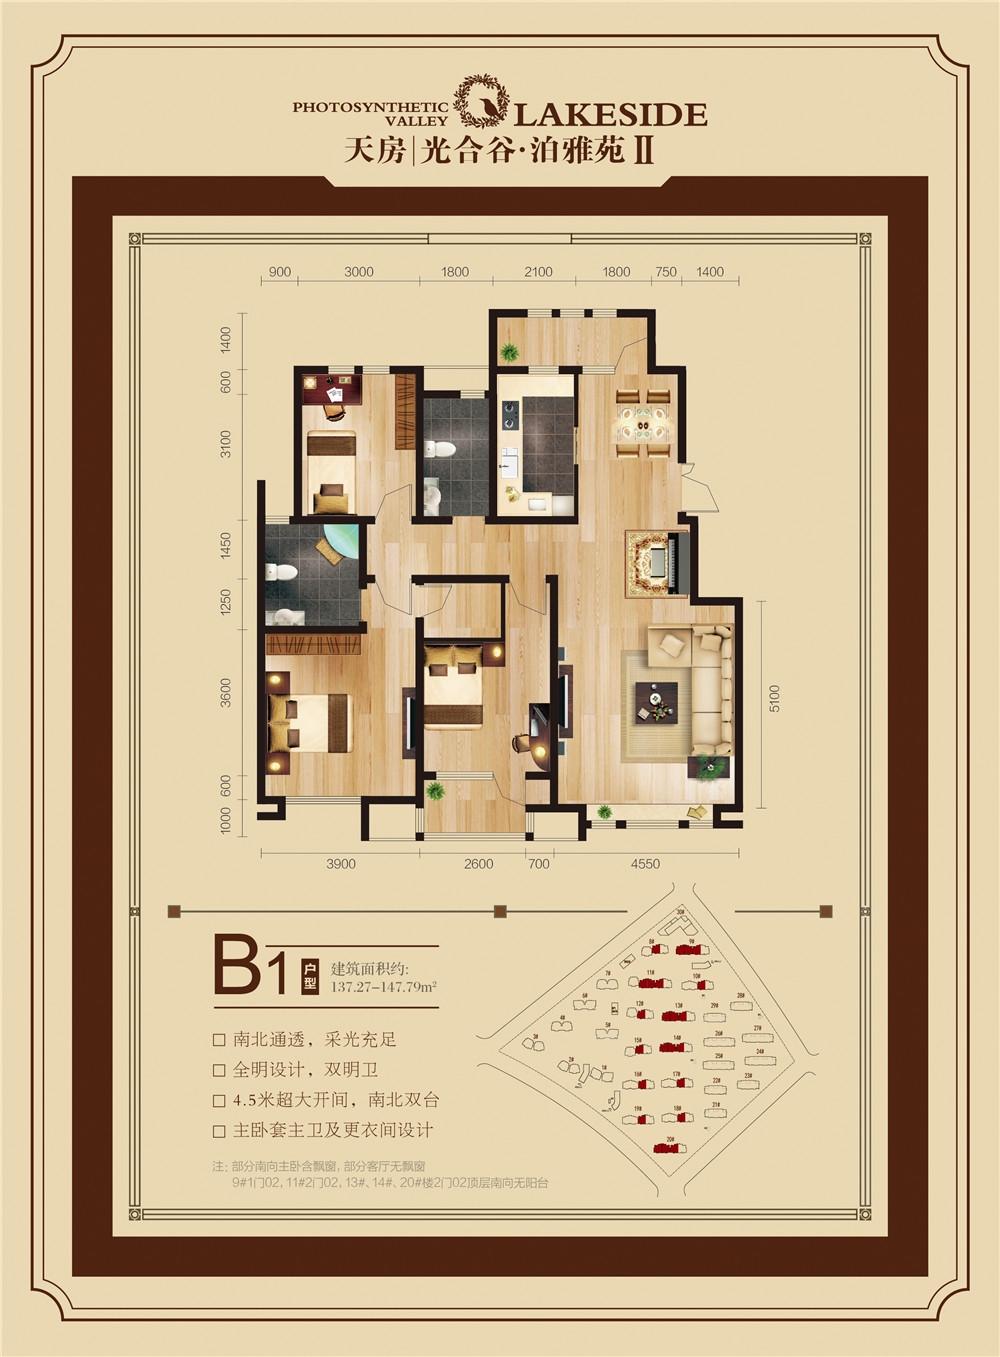 B1户型137.27--147.79平米三室两厅两卫